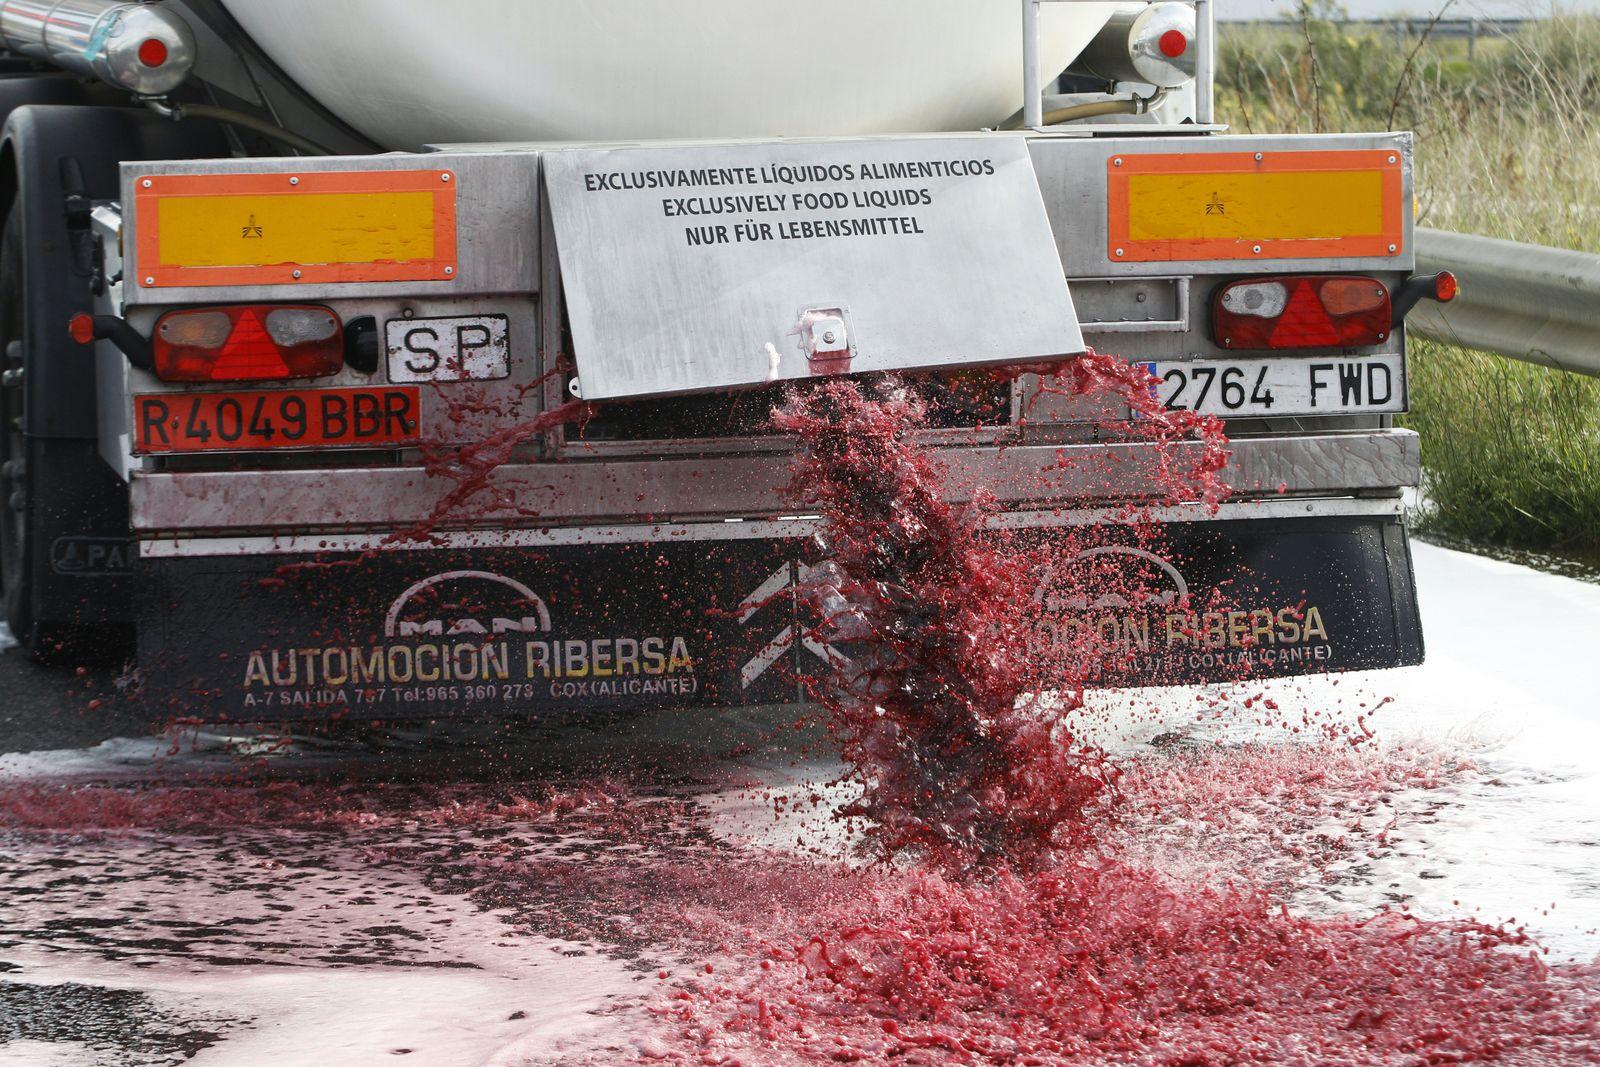 Französische Winzer / Spanischer Wein/ Protest